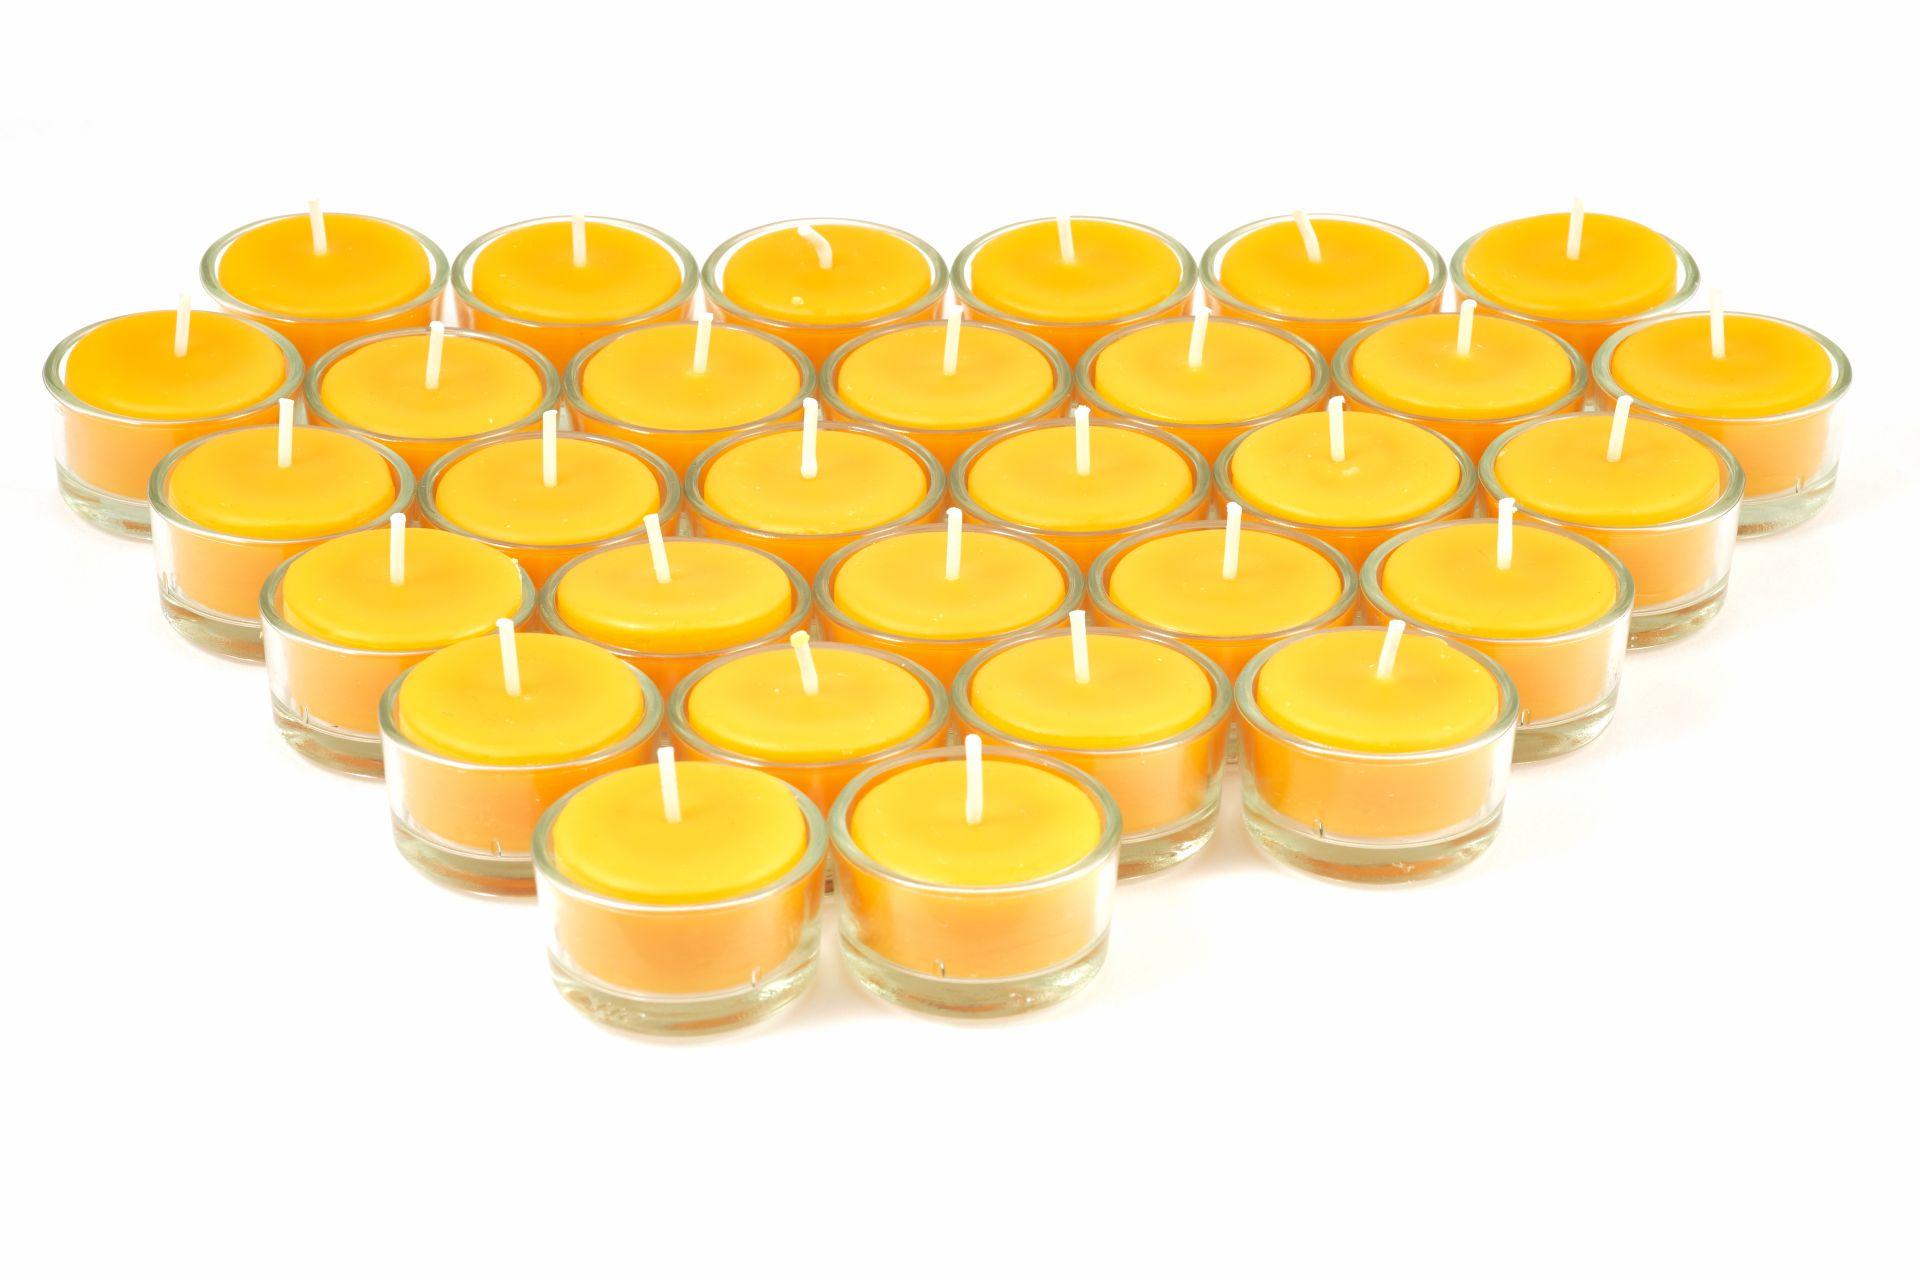 Teelichter aus 100% Bienenwachs inkl. Teelichtbehälter aus Glas  - 30 Stück